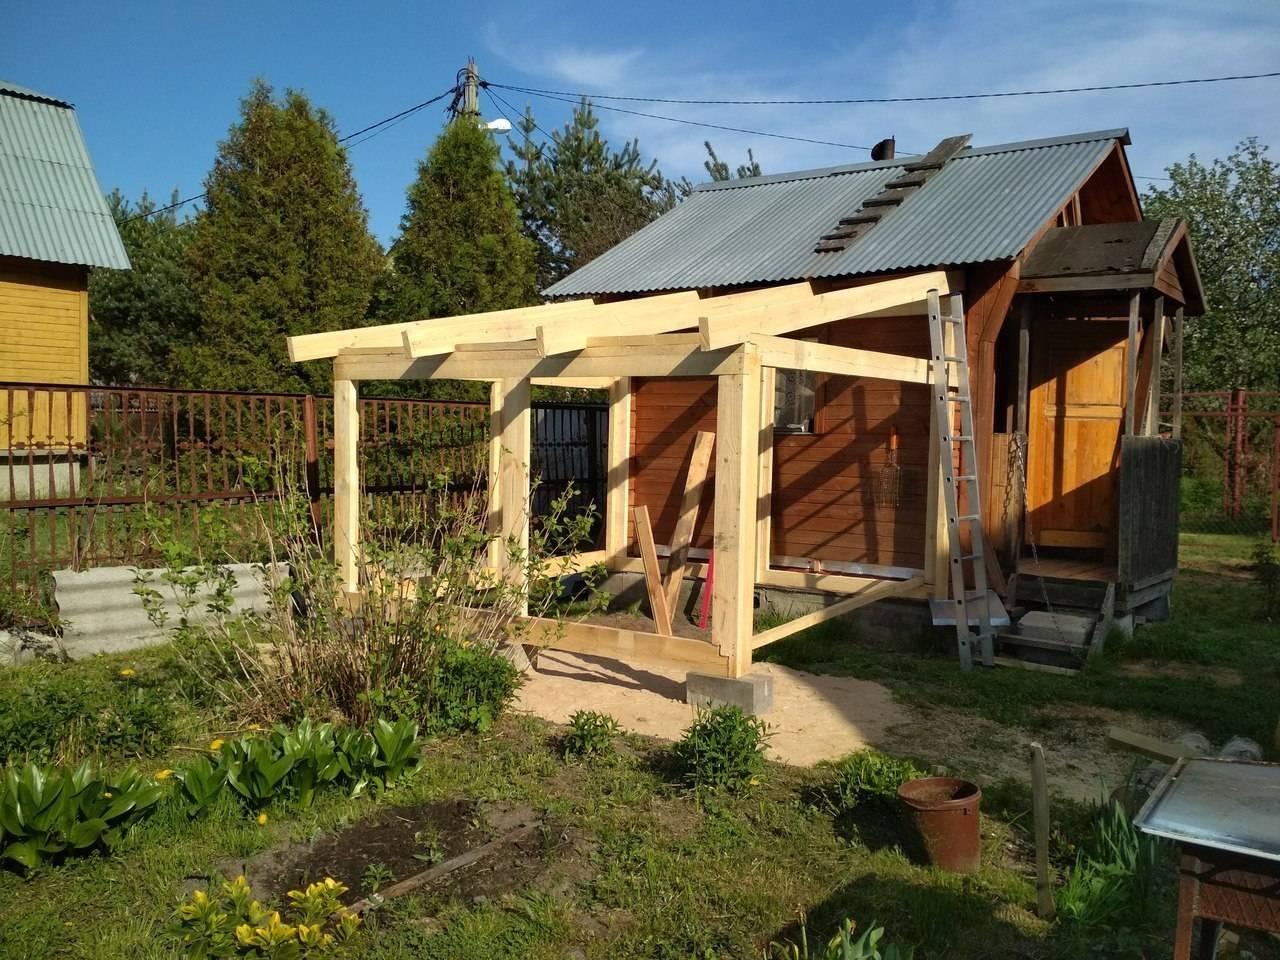 Баня с террасой: строительство с нуля + как пристроить террасу к готовой бане